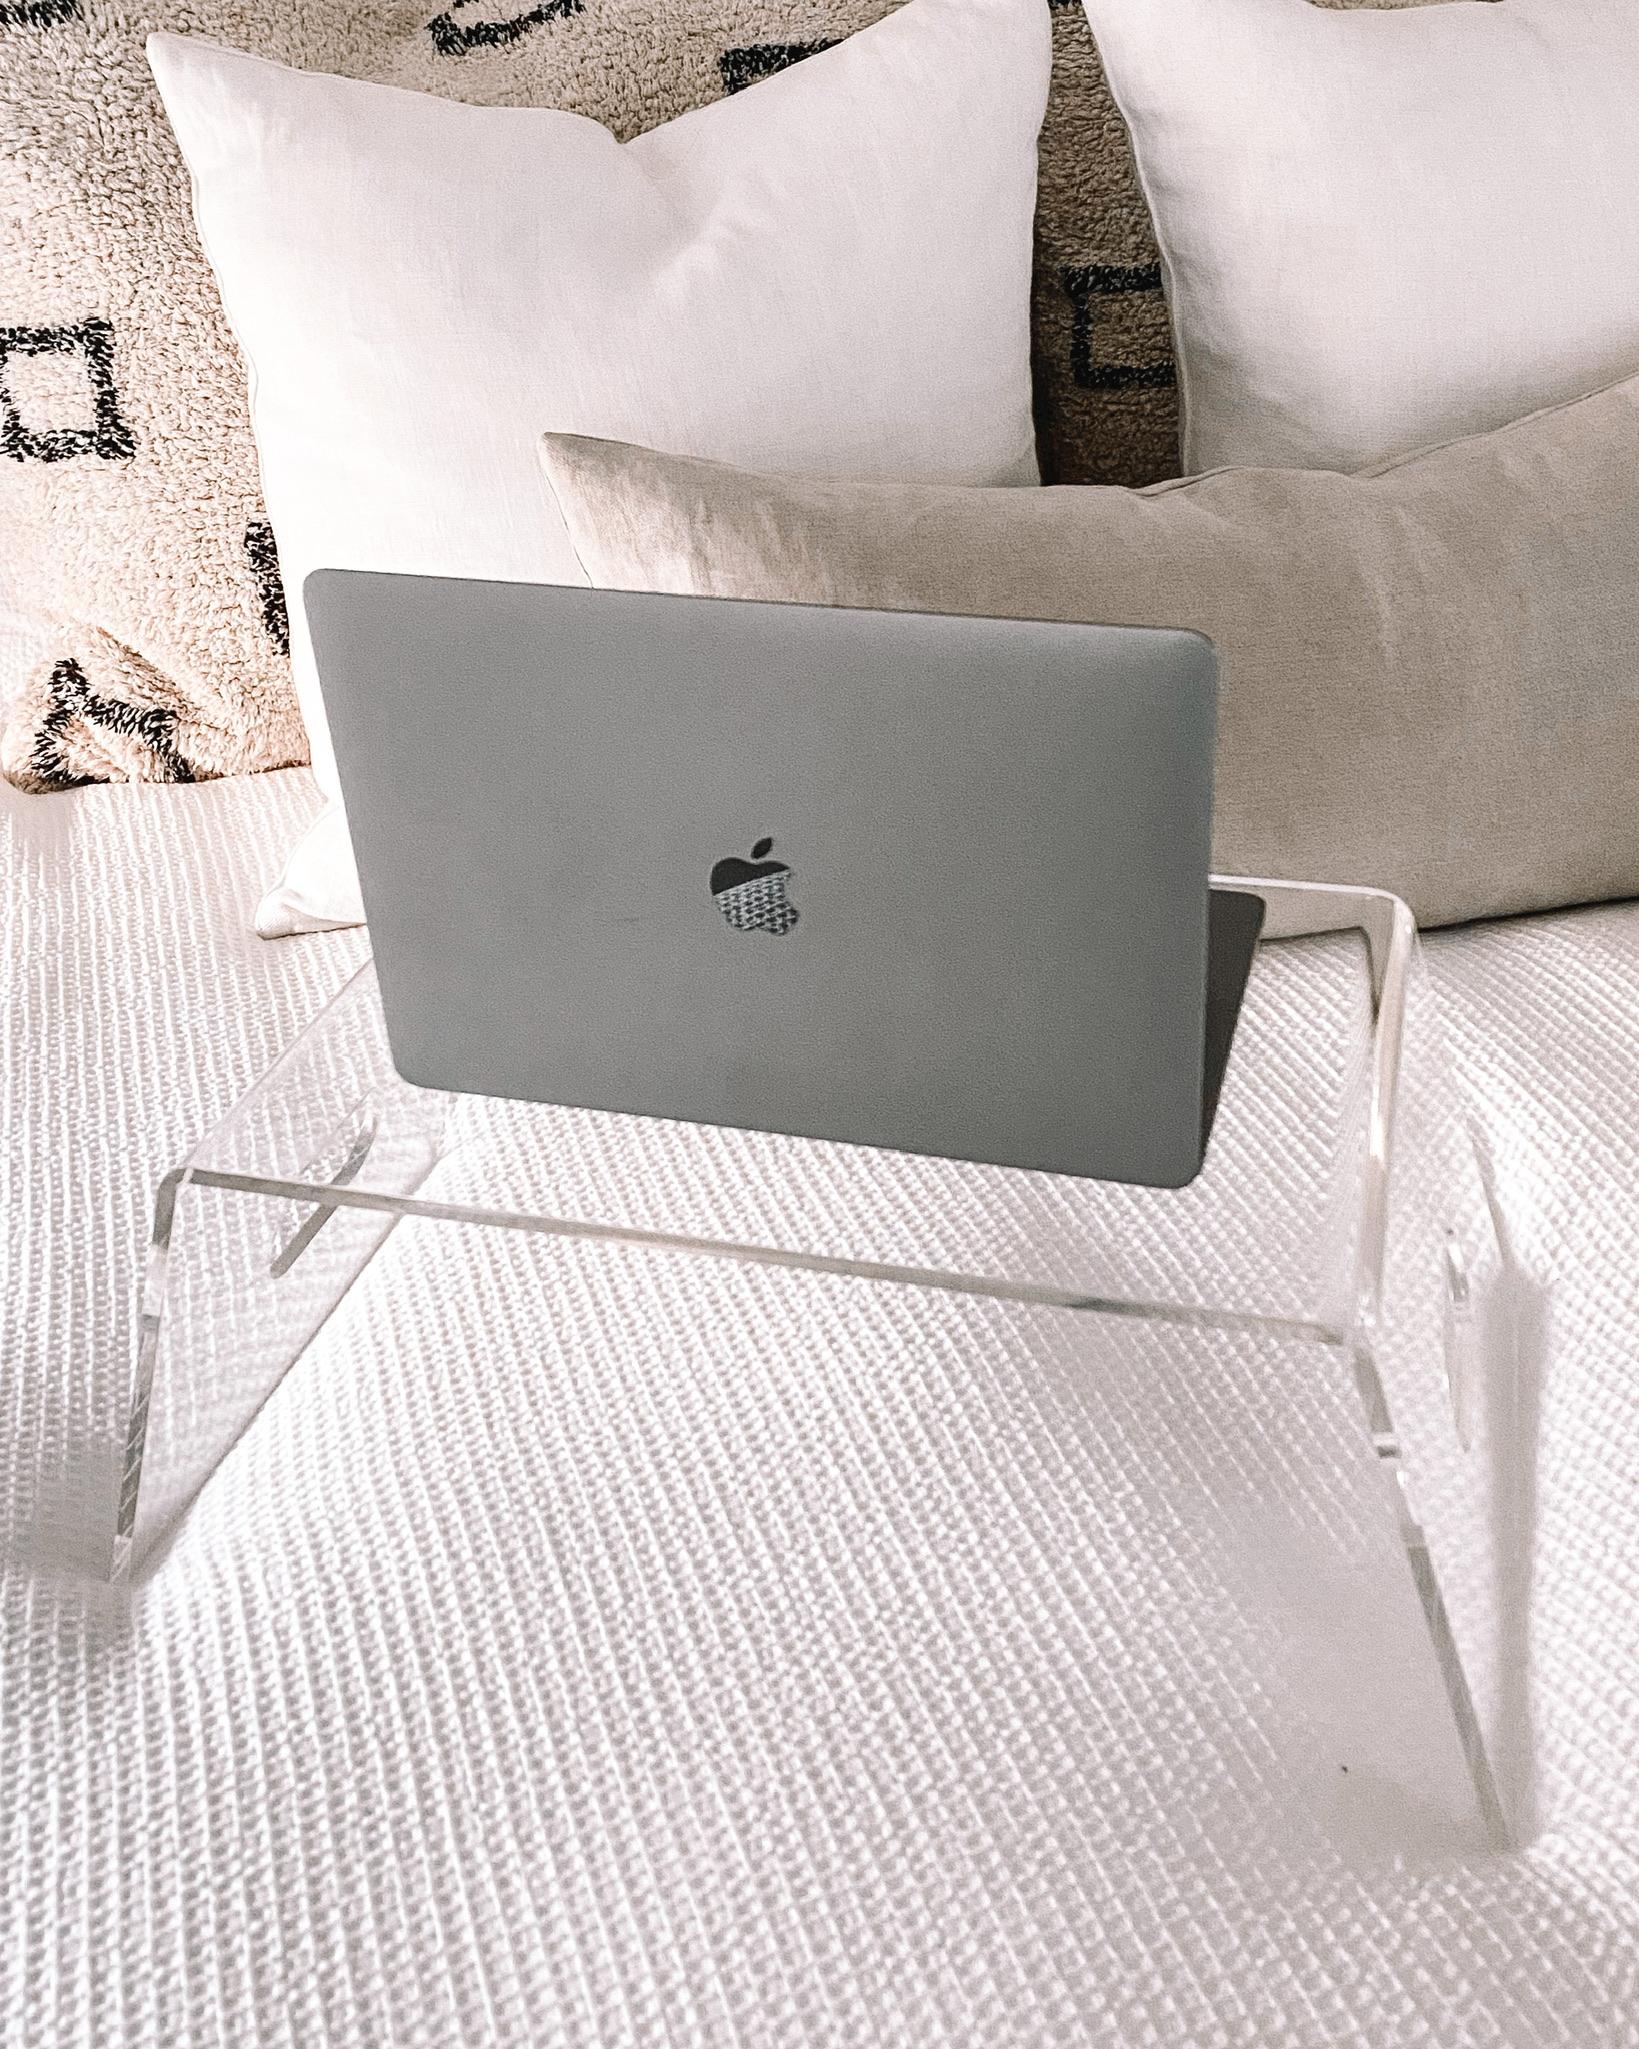 amazon acrylic laptop stand